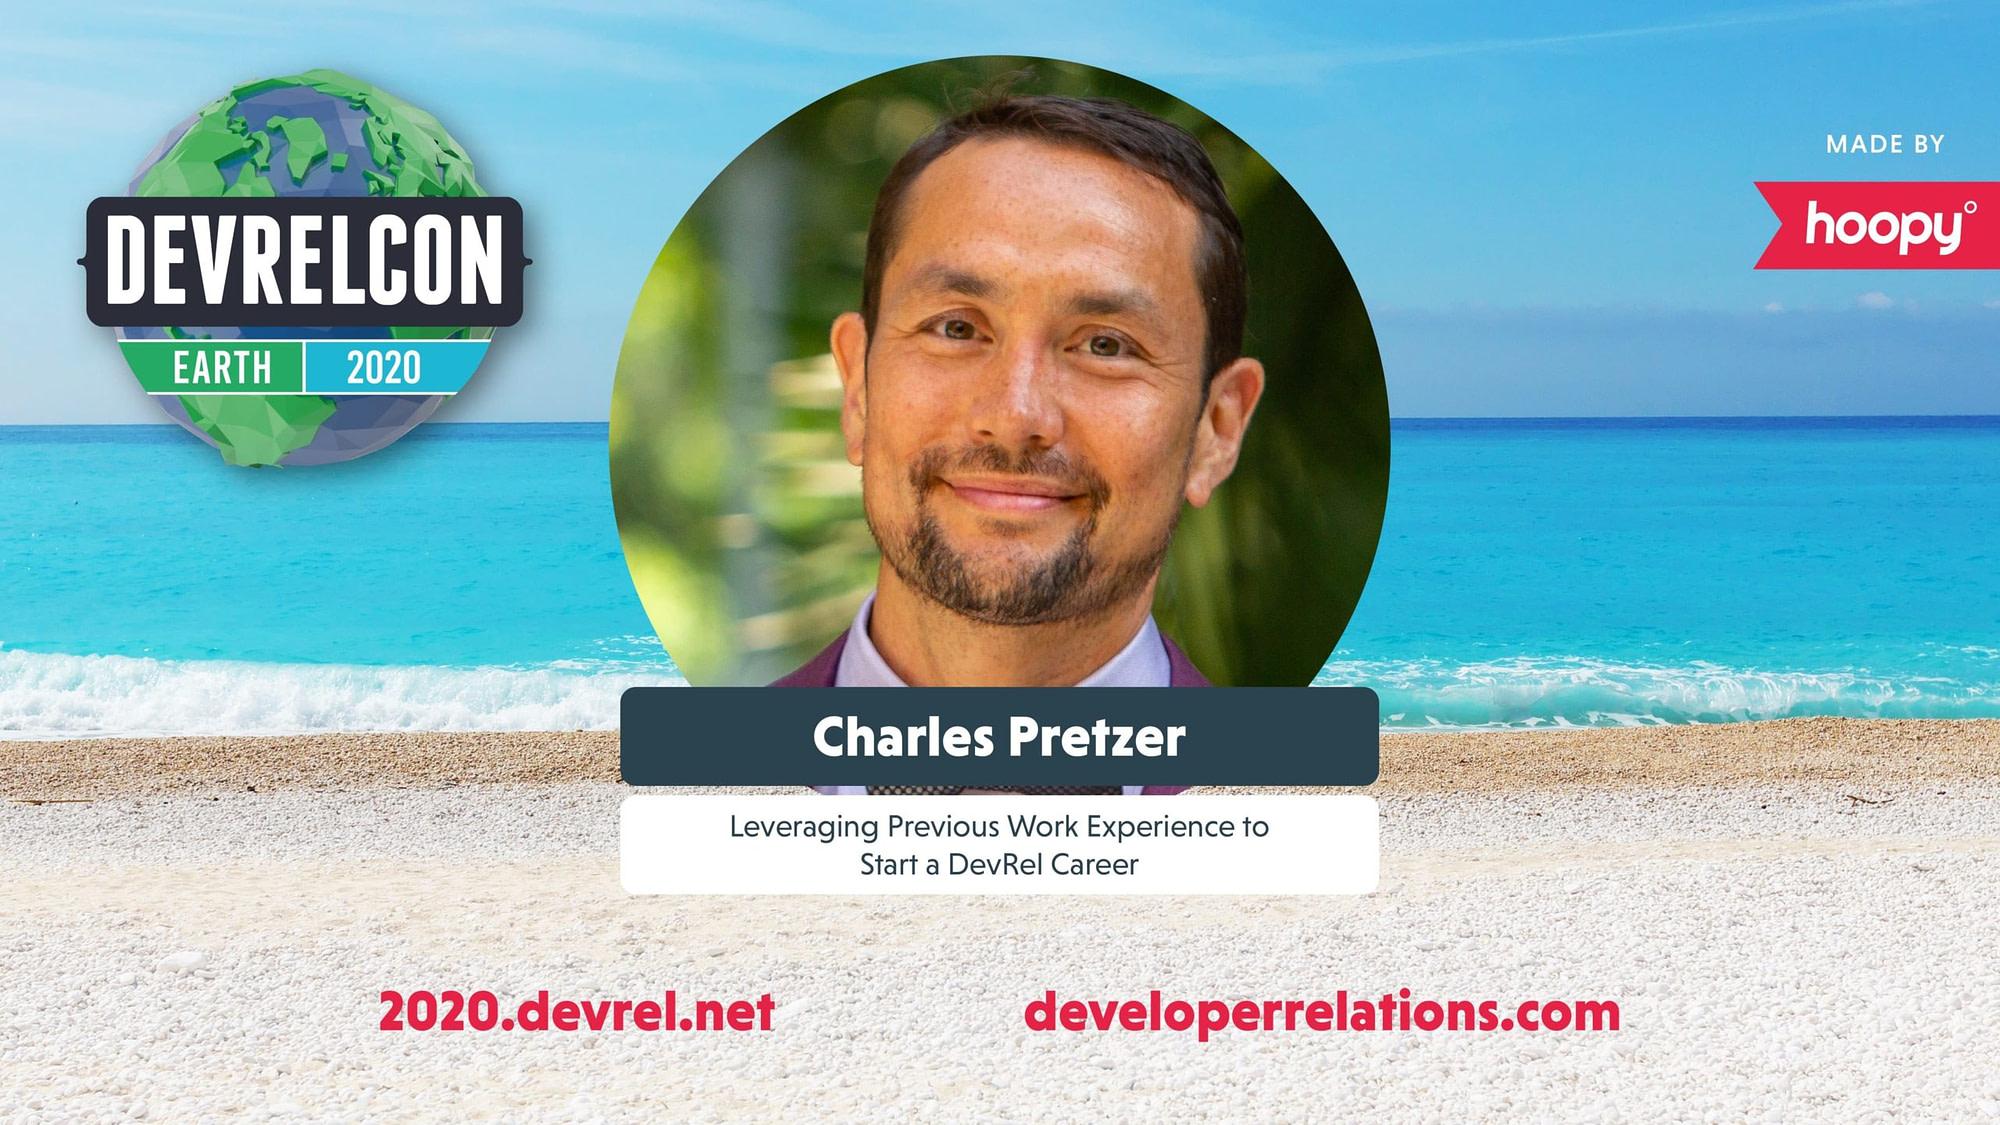 Charles Pretzer